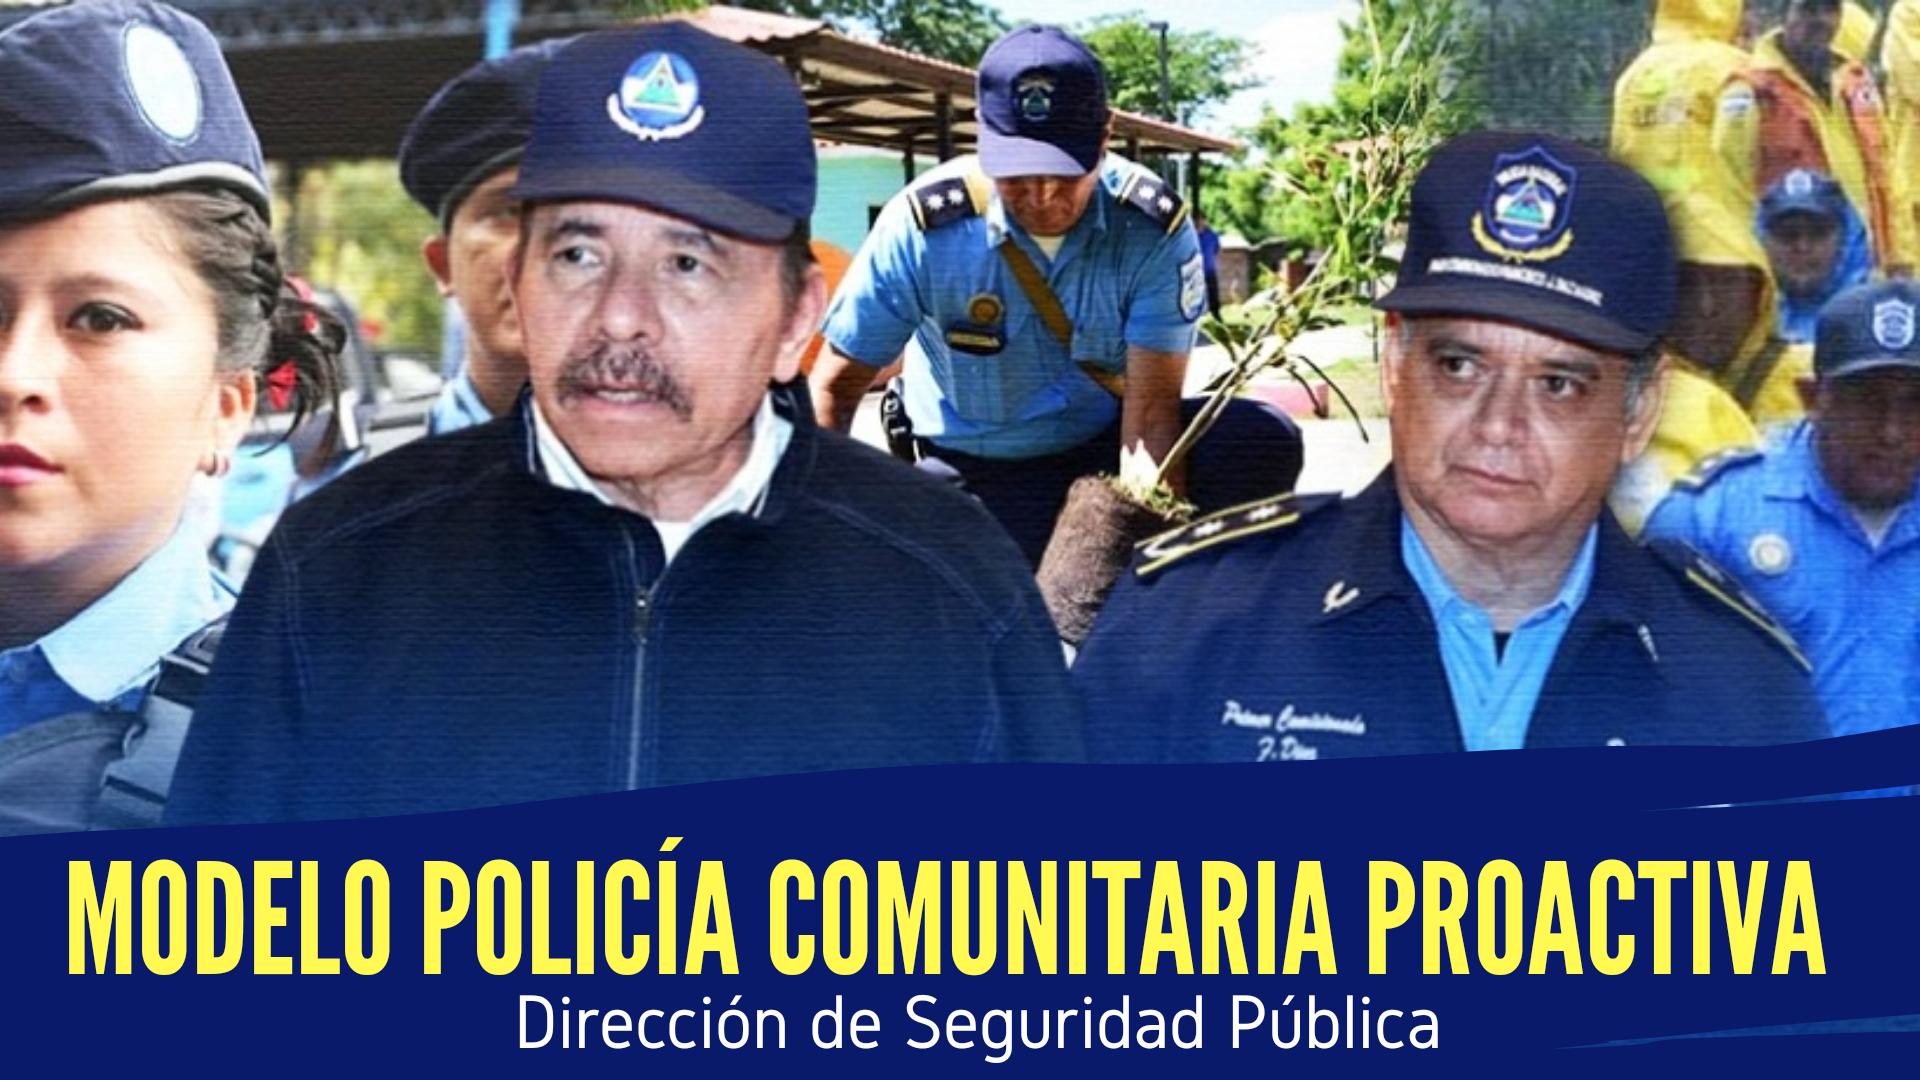 MODELO POLICÍA COMUNITARIA PROACTIVA.